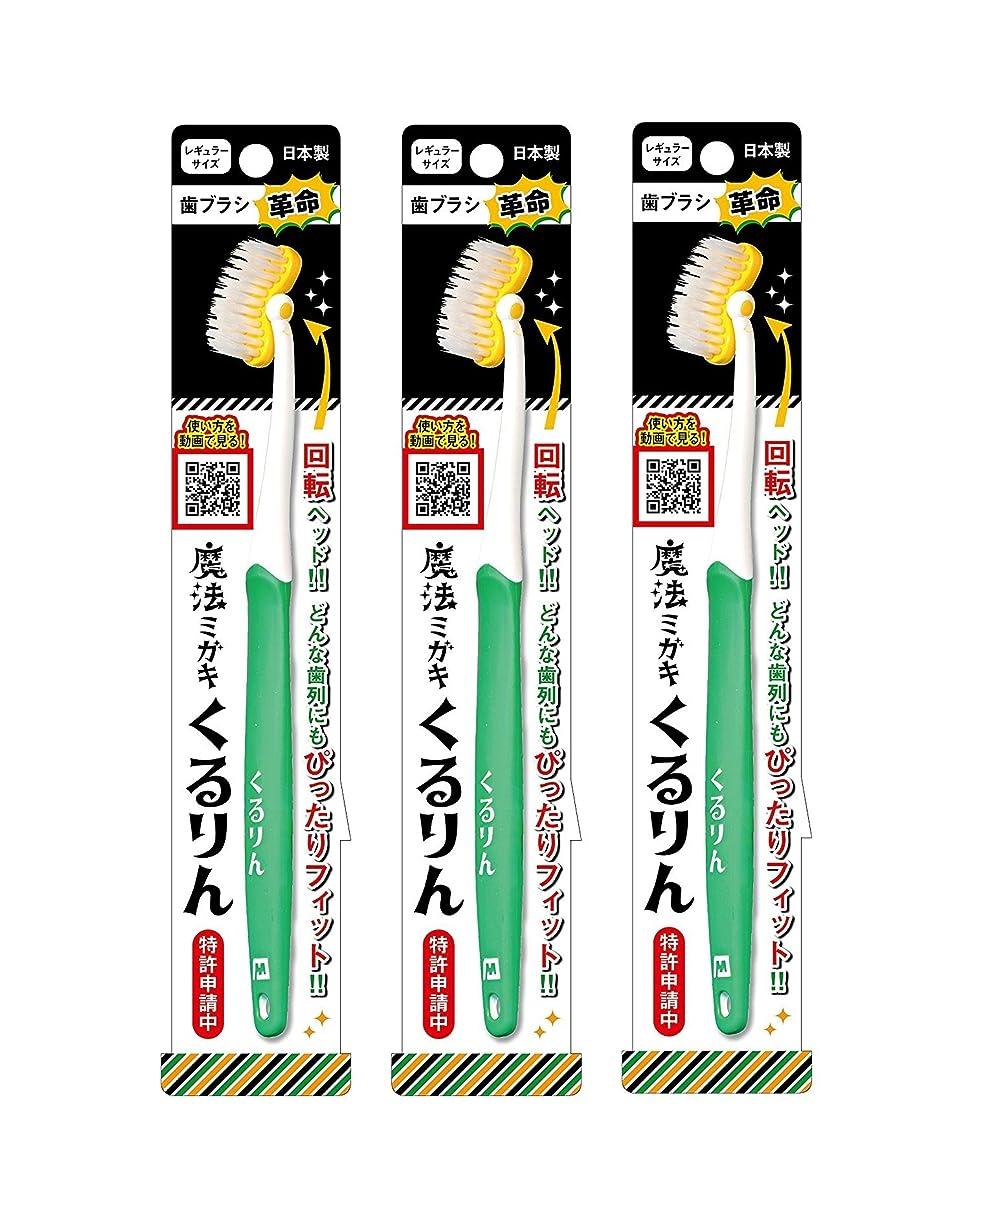 リンスコンテンツおとうさん歯ブラシ革命 魔法ミガキくるりん MM-151 グリーン 3本セット